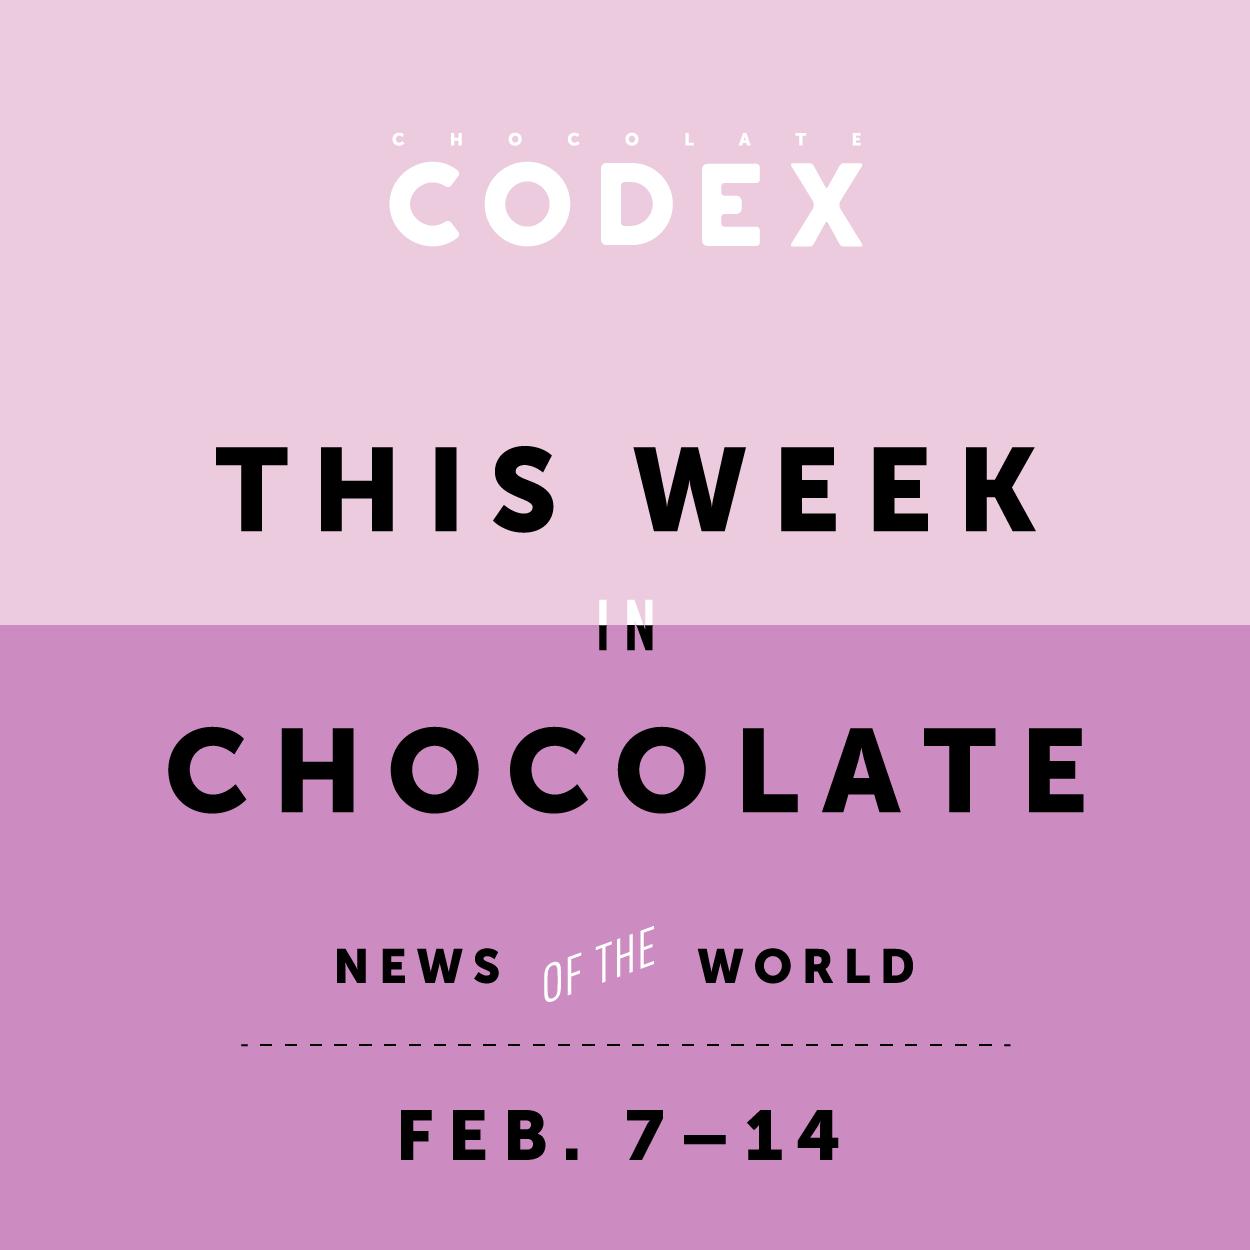 ChocolateCodex_ThisWeek_Chocolate_News_2016_07